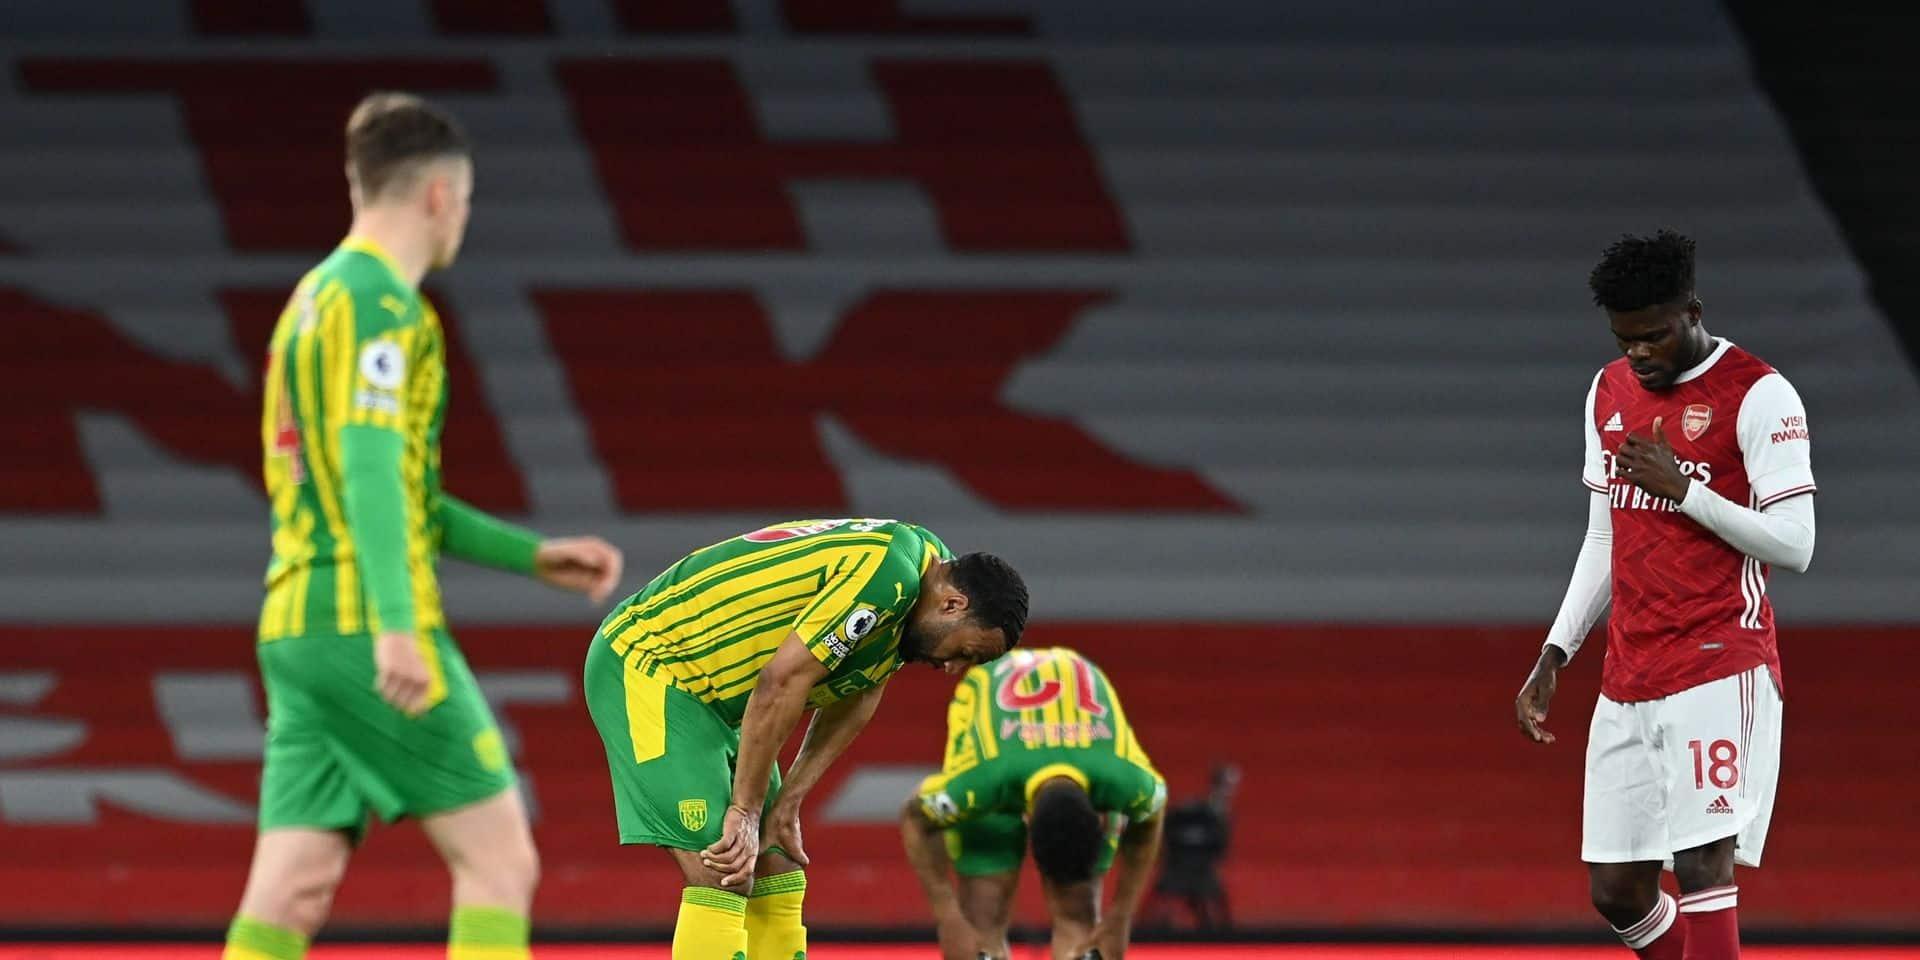 West Bromwich relégué en Championship après une saison en Premier League